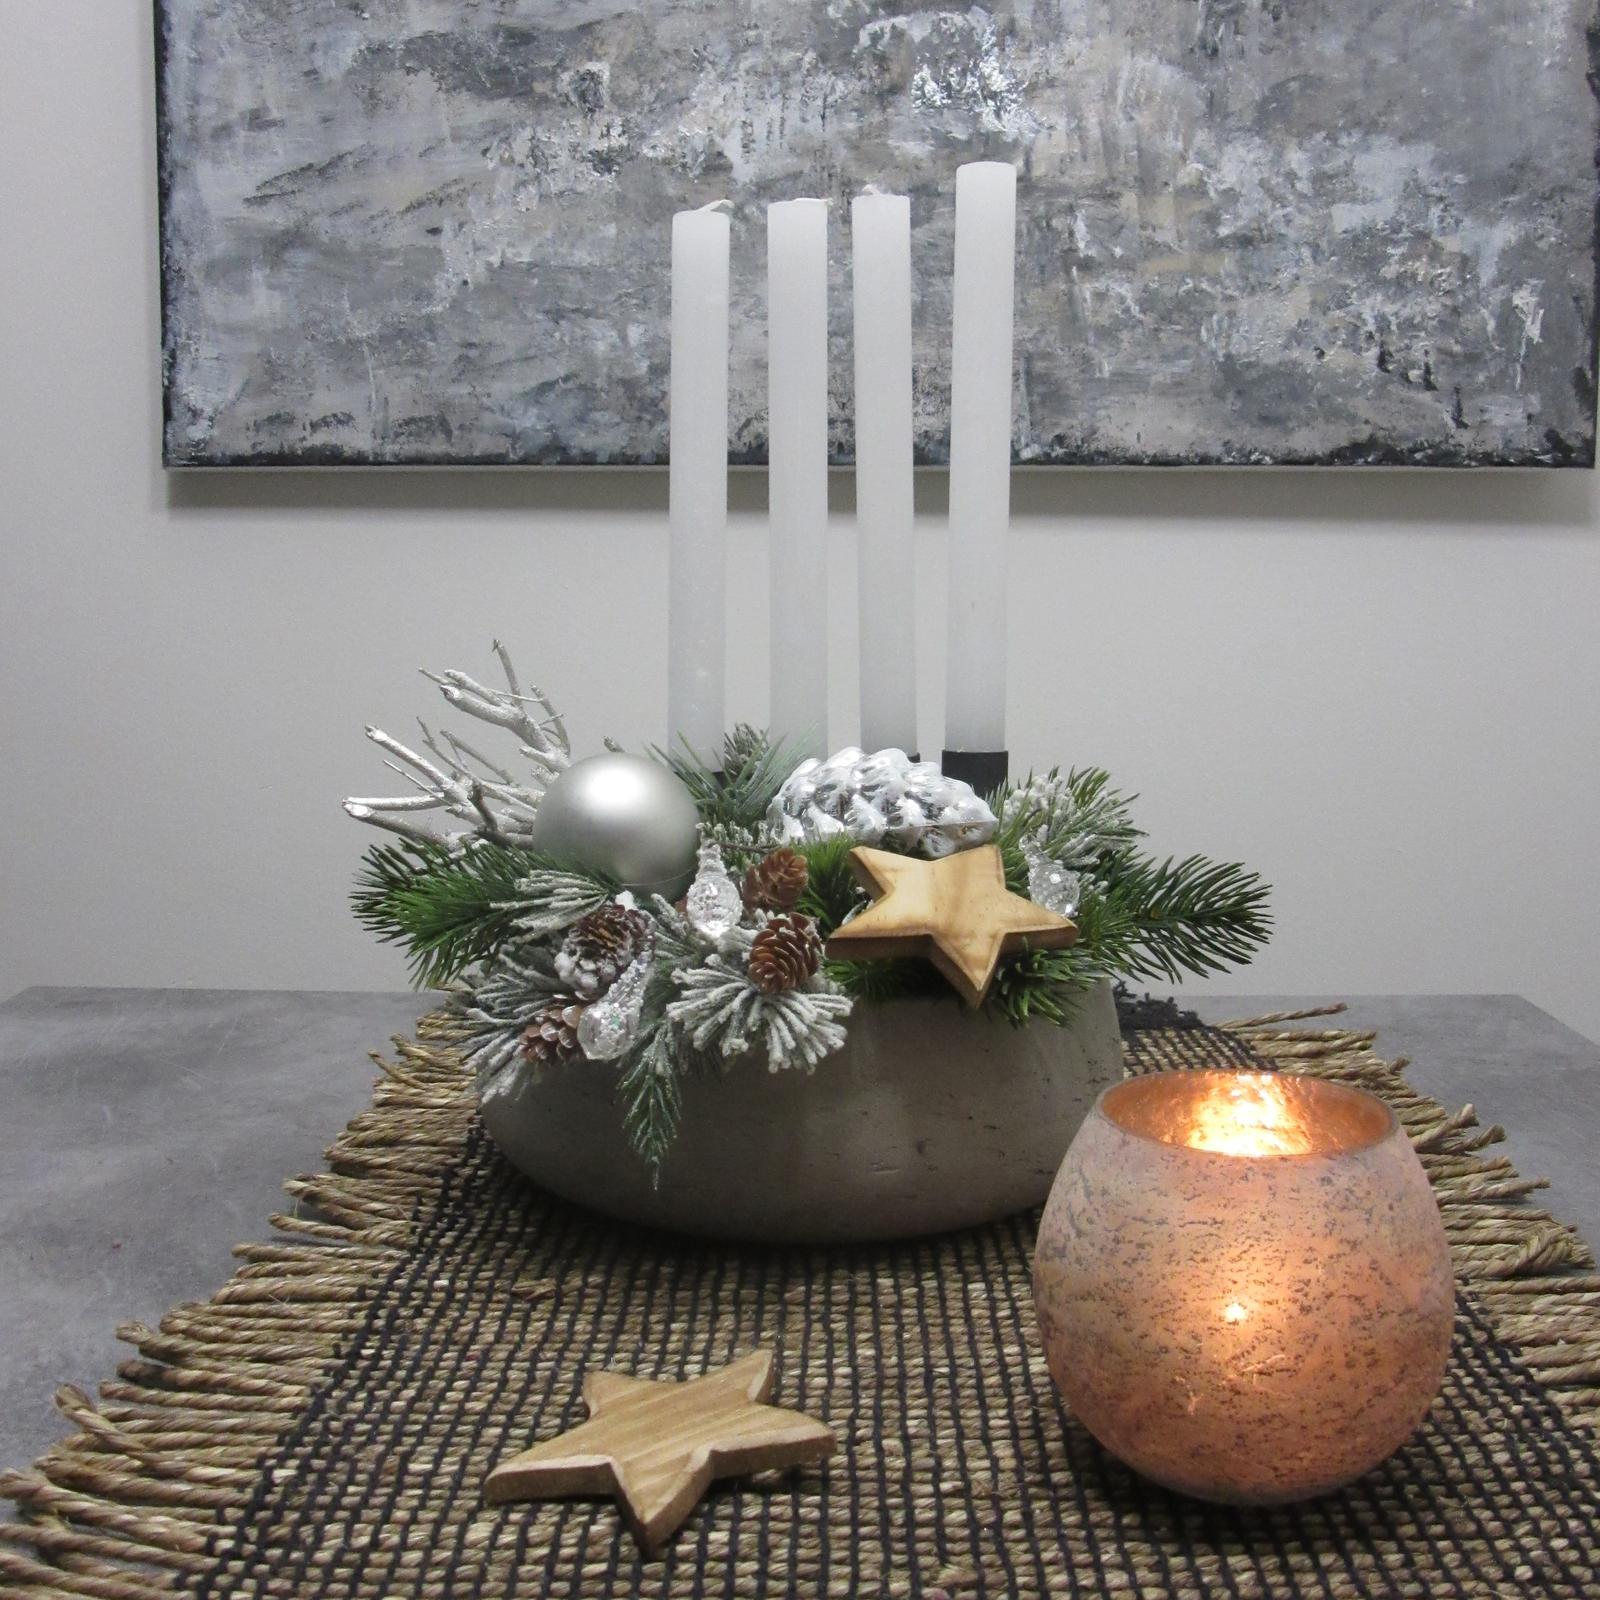 Čas vánoční - letošní adventní